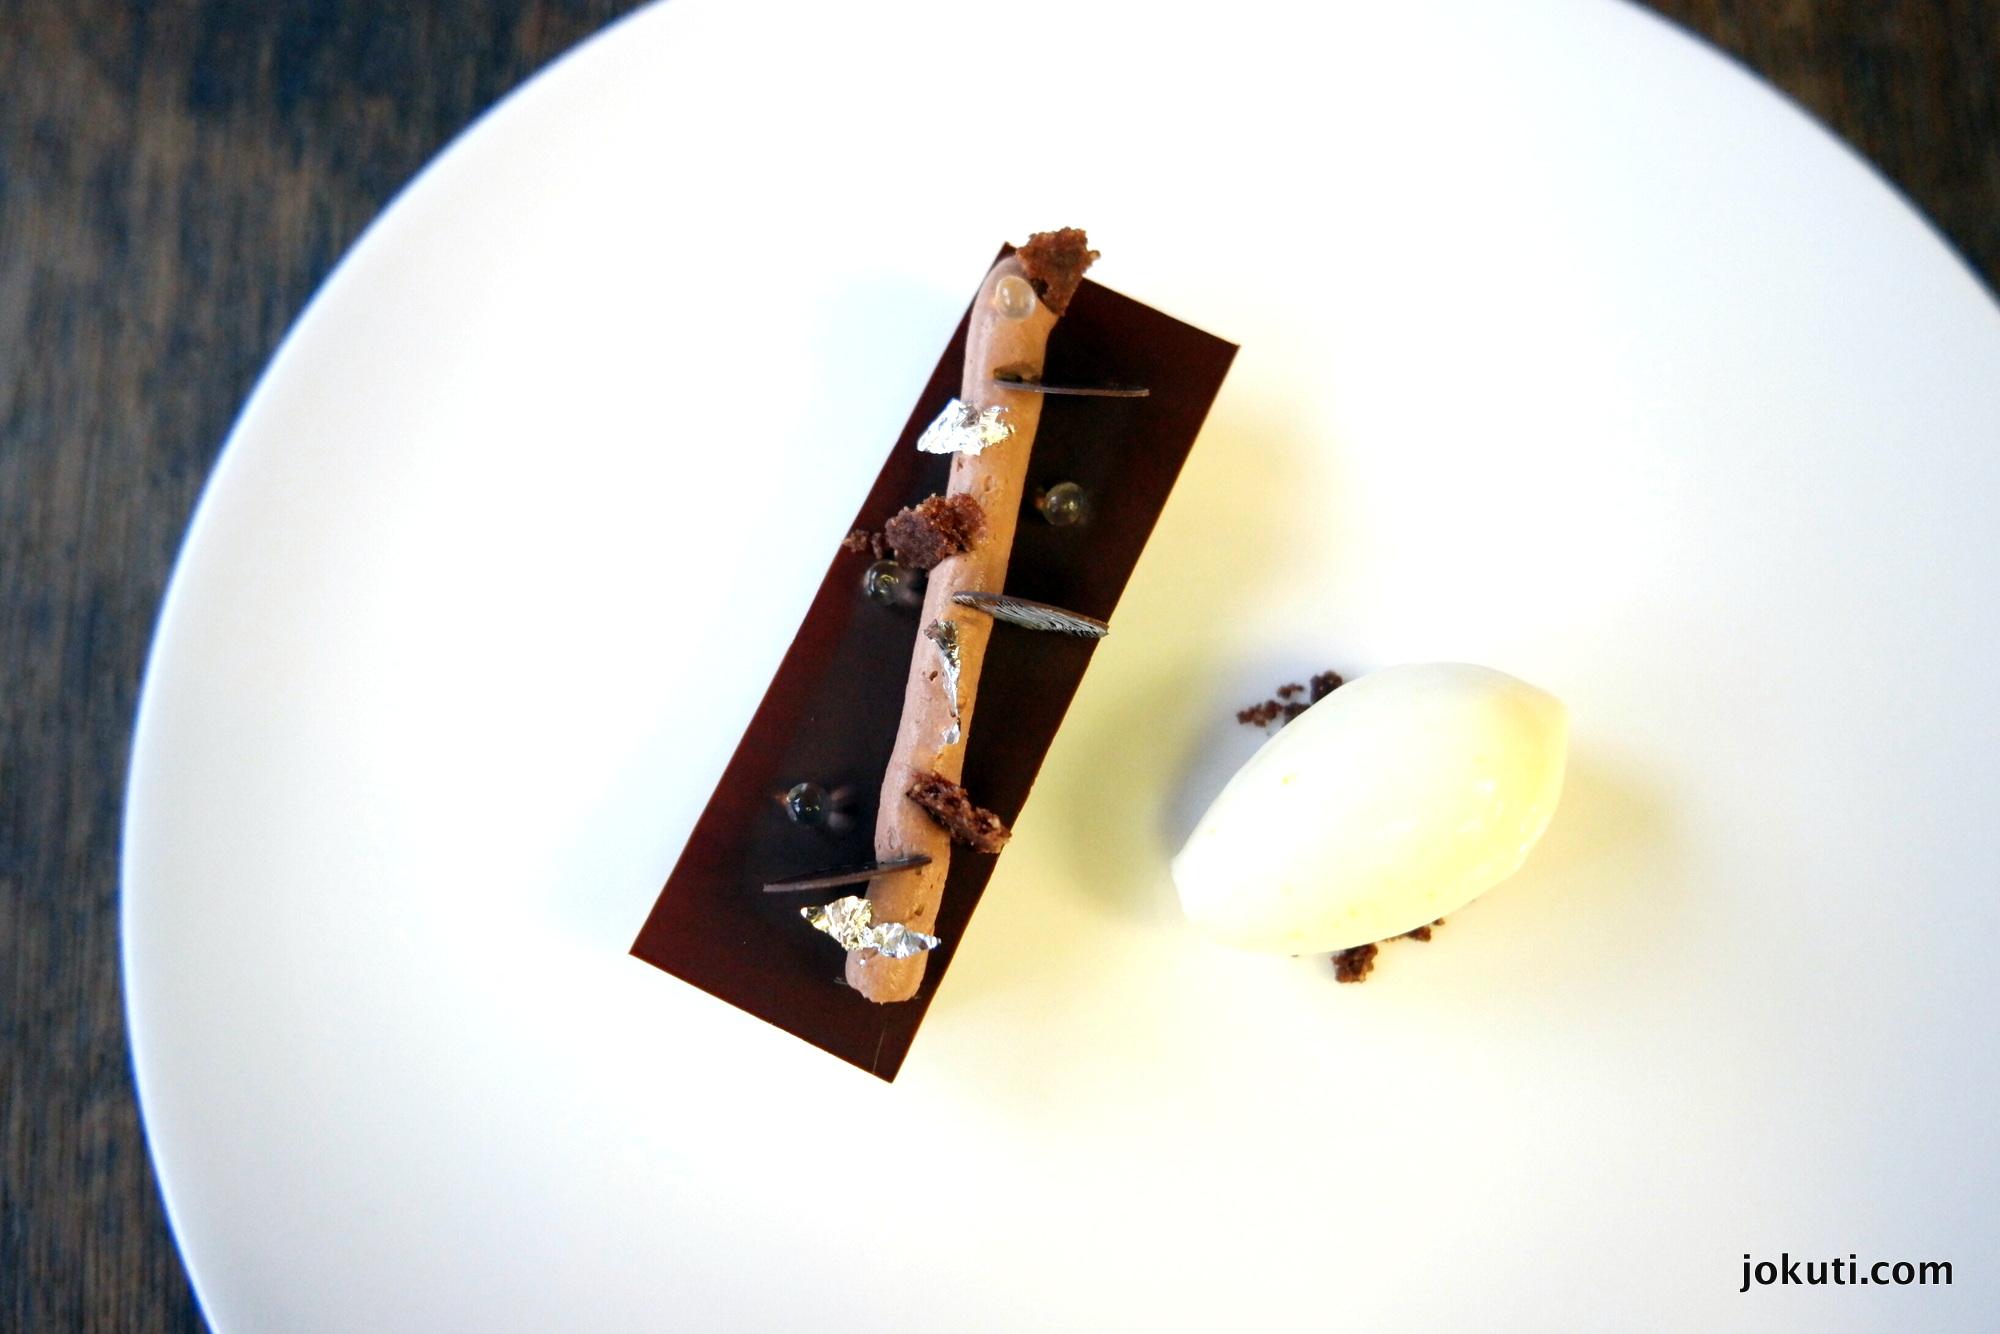 Egzotikus csokoládé yuzuval